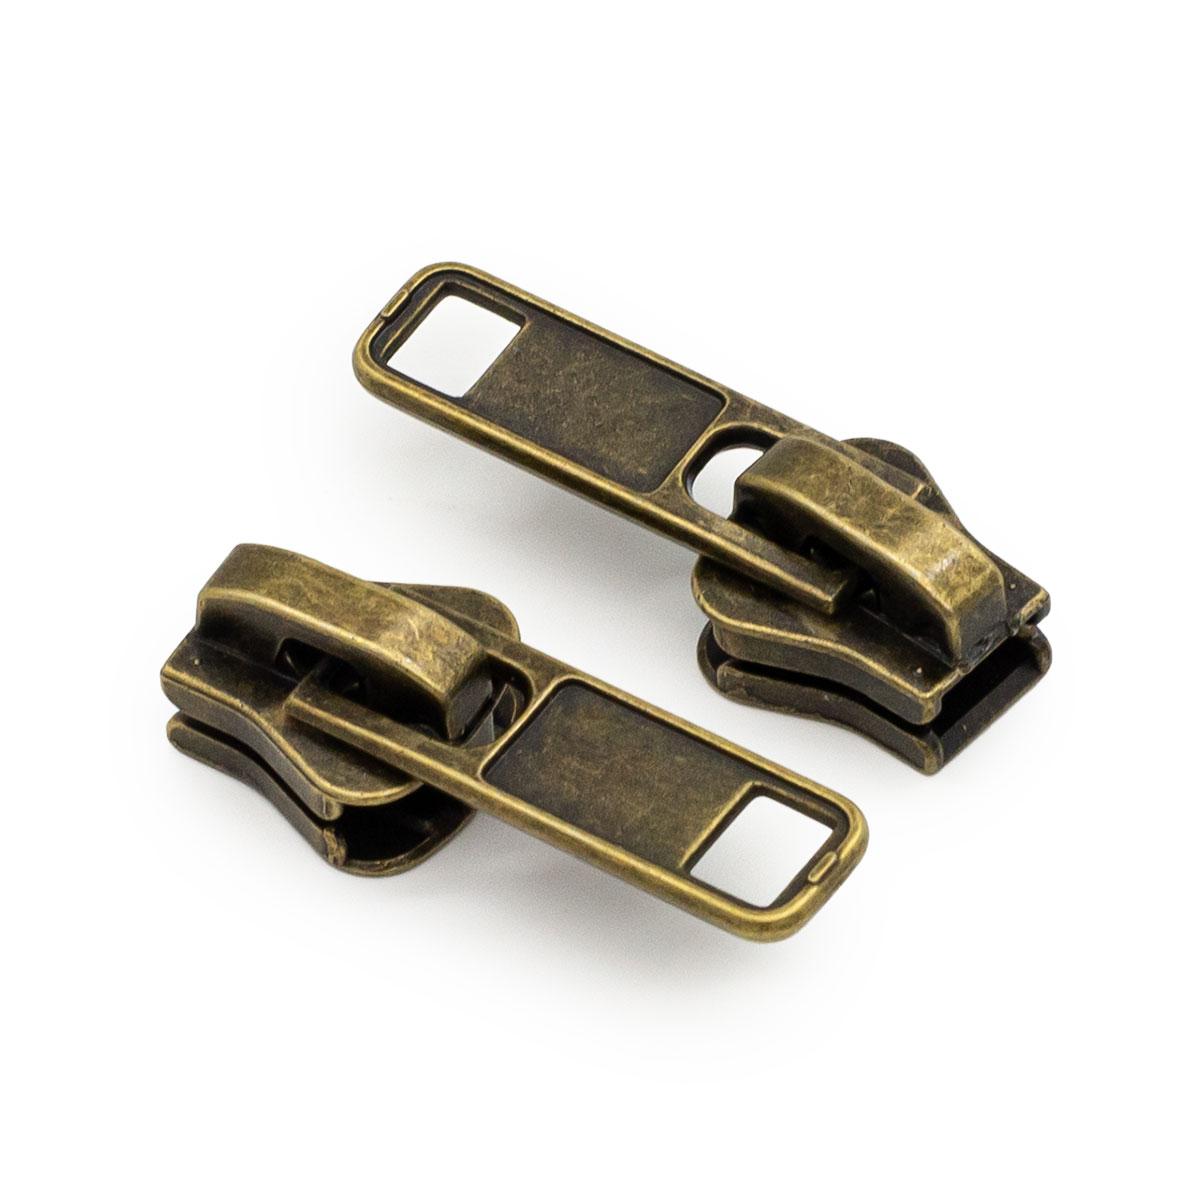 Слайдер к молнии трактор (auto lock) Т8, HHP - 0114